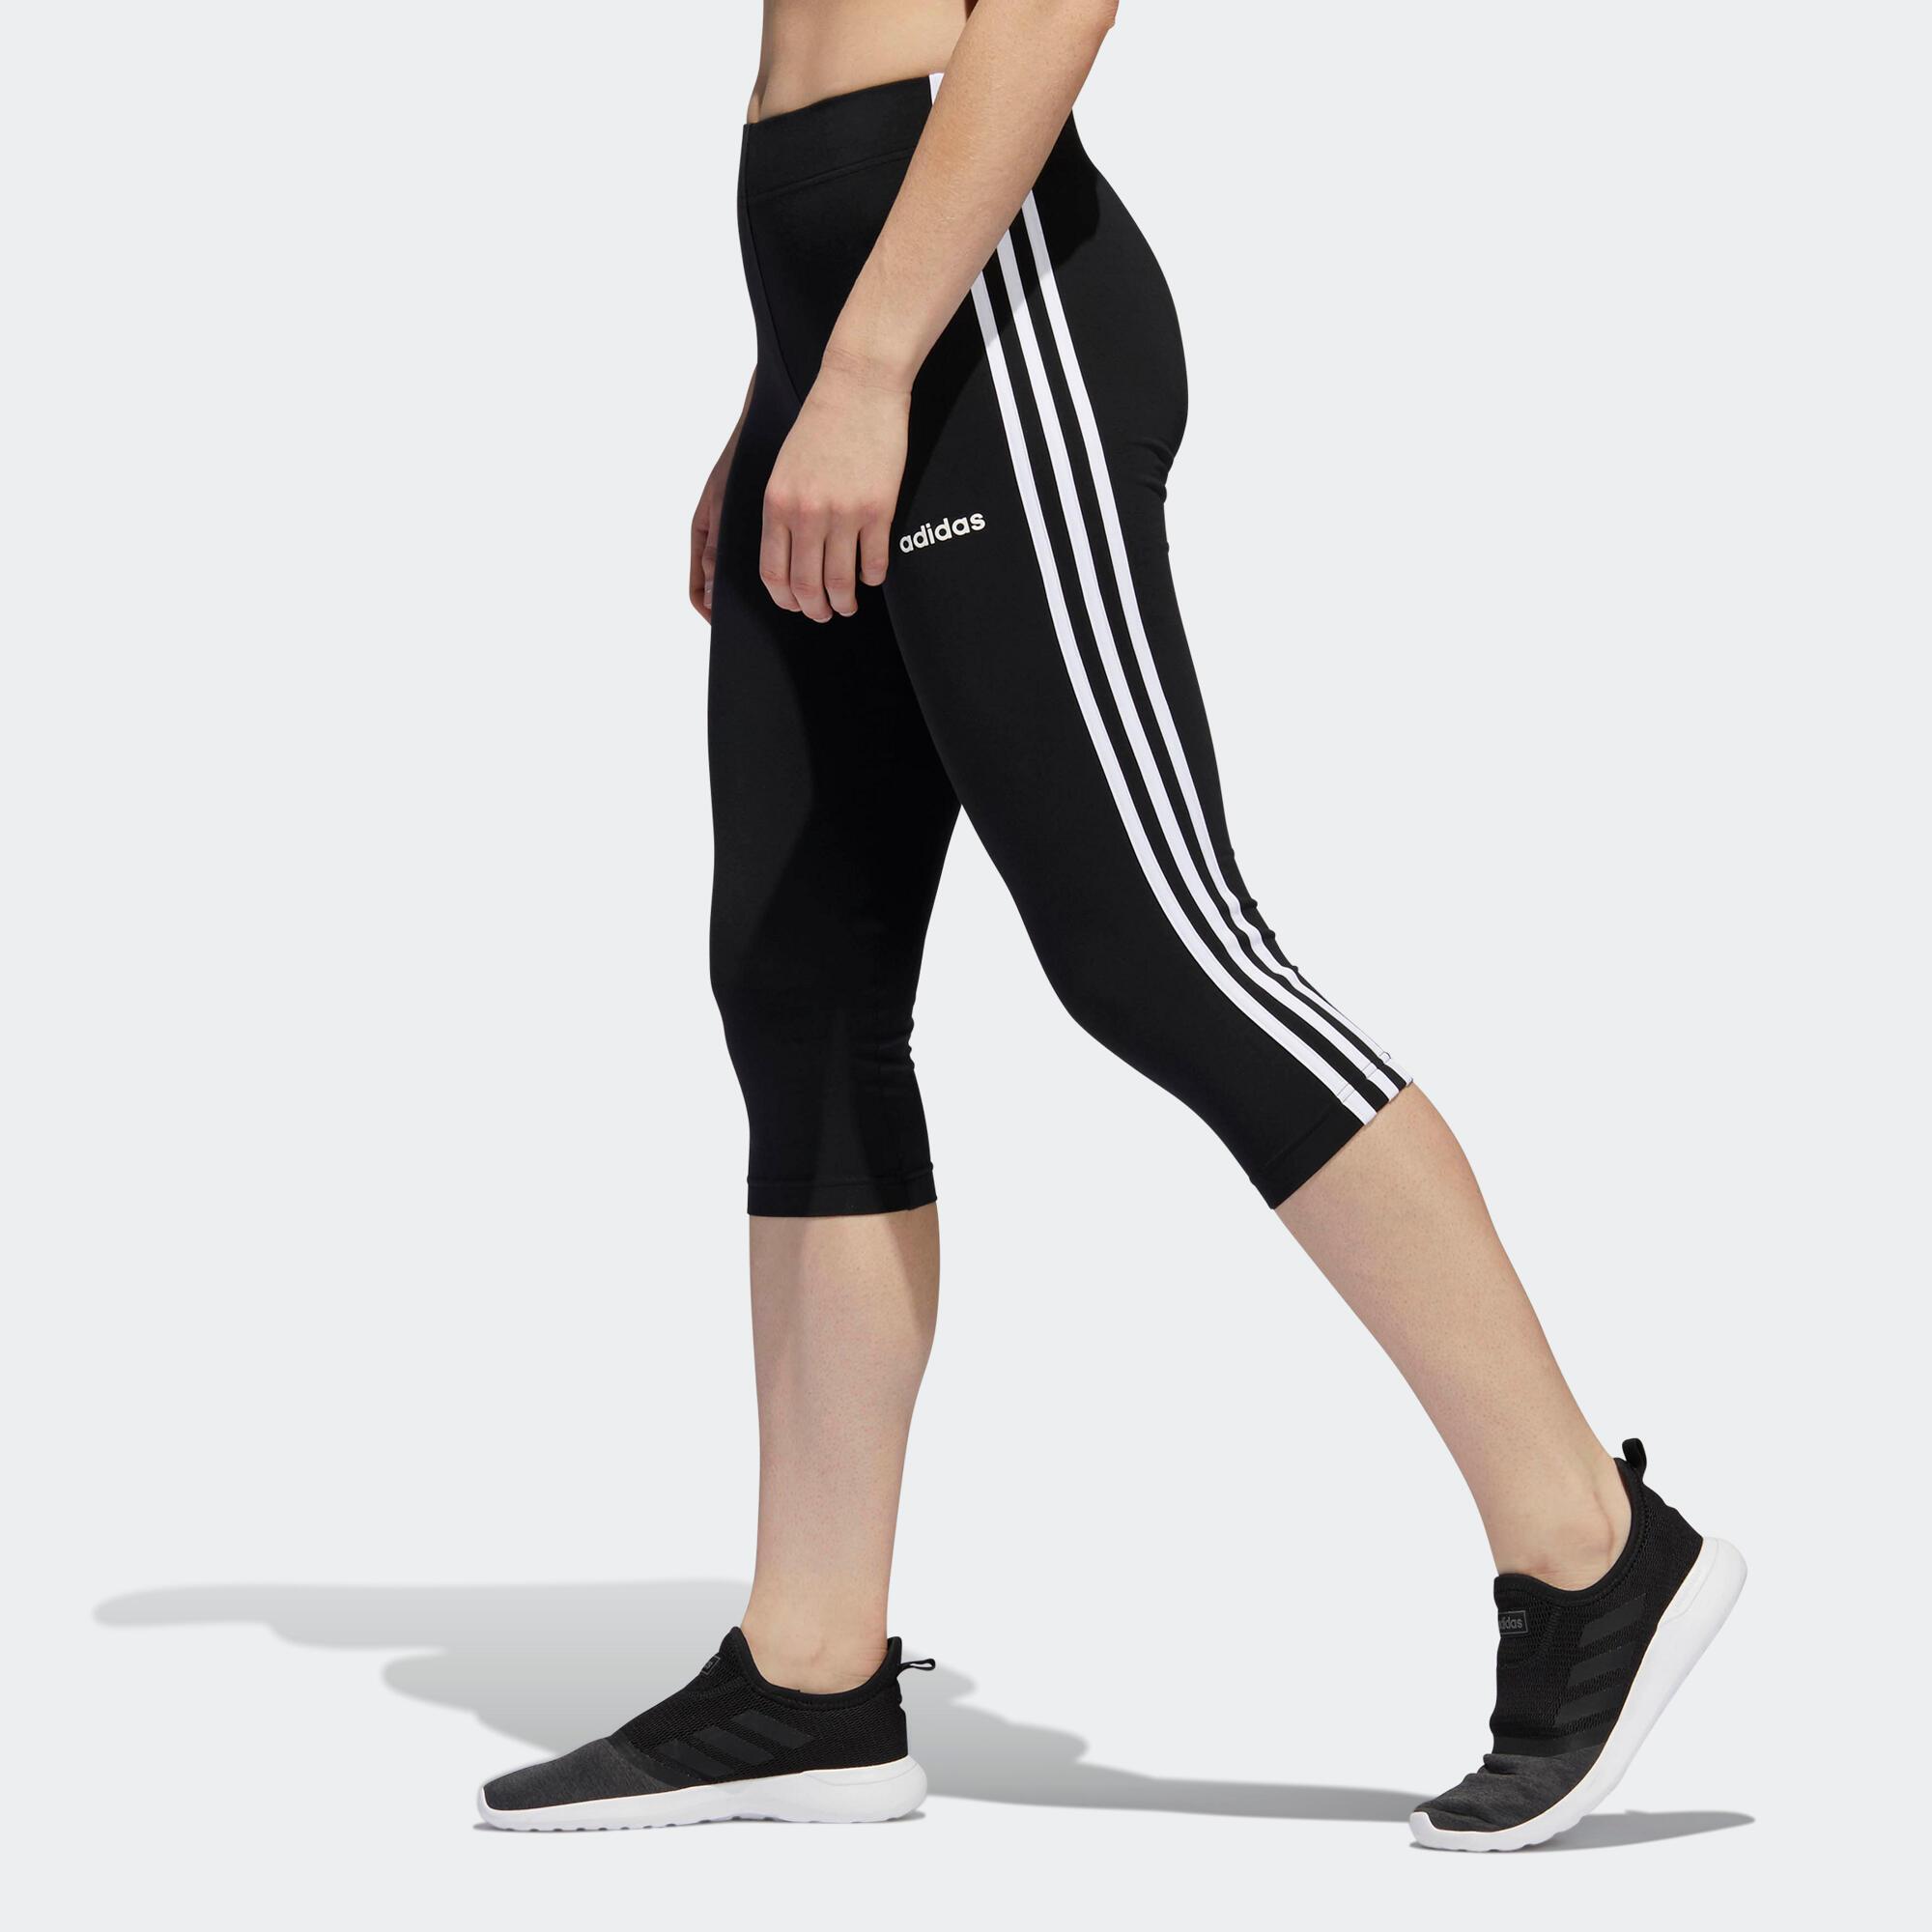 Adidas Corsari donna  ESSENTIAL cotone neri